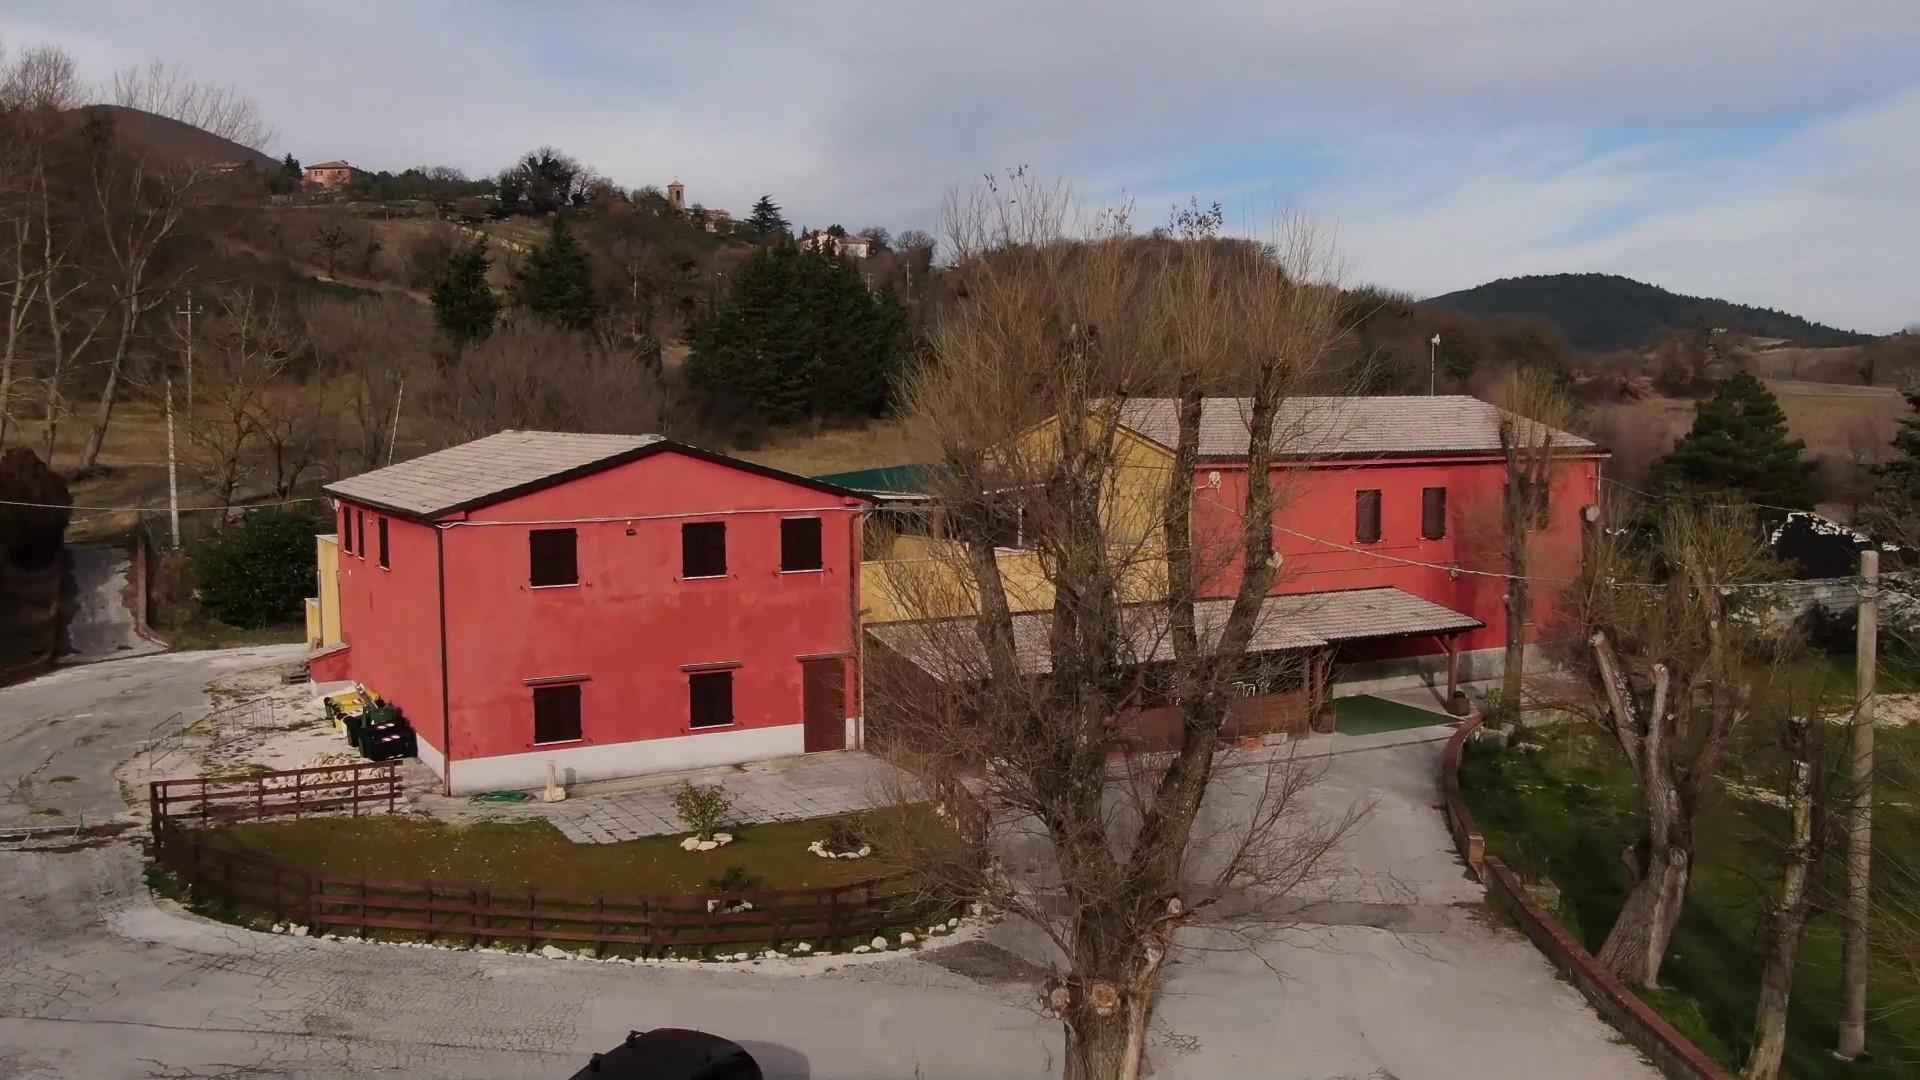 Ristorante gourmet 1440 m²